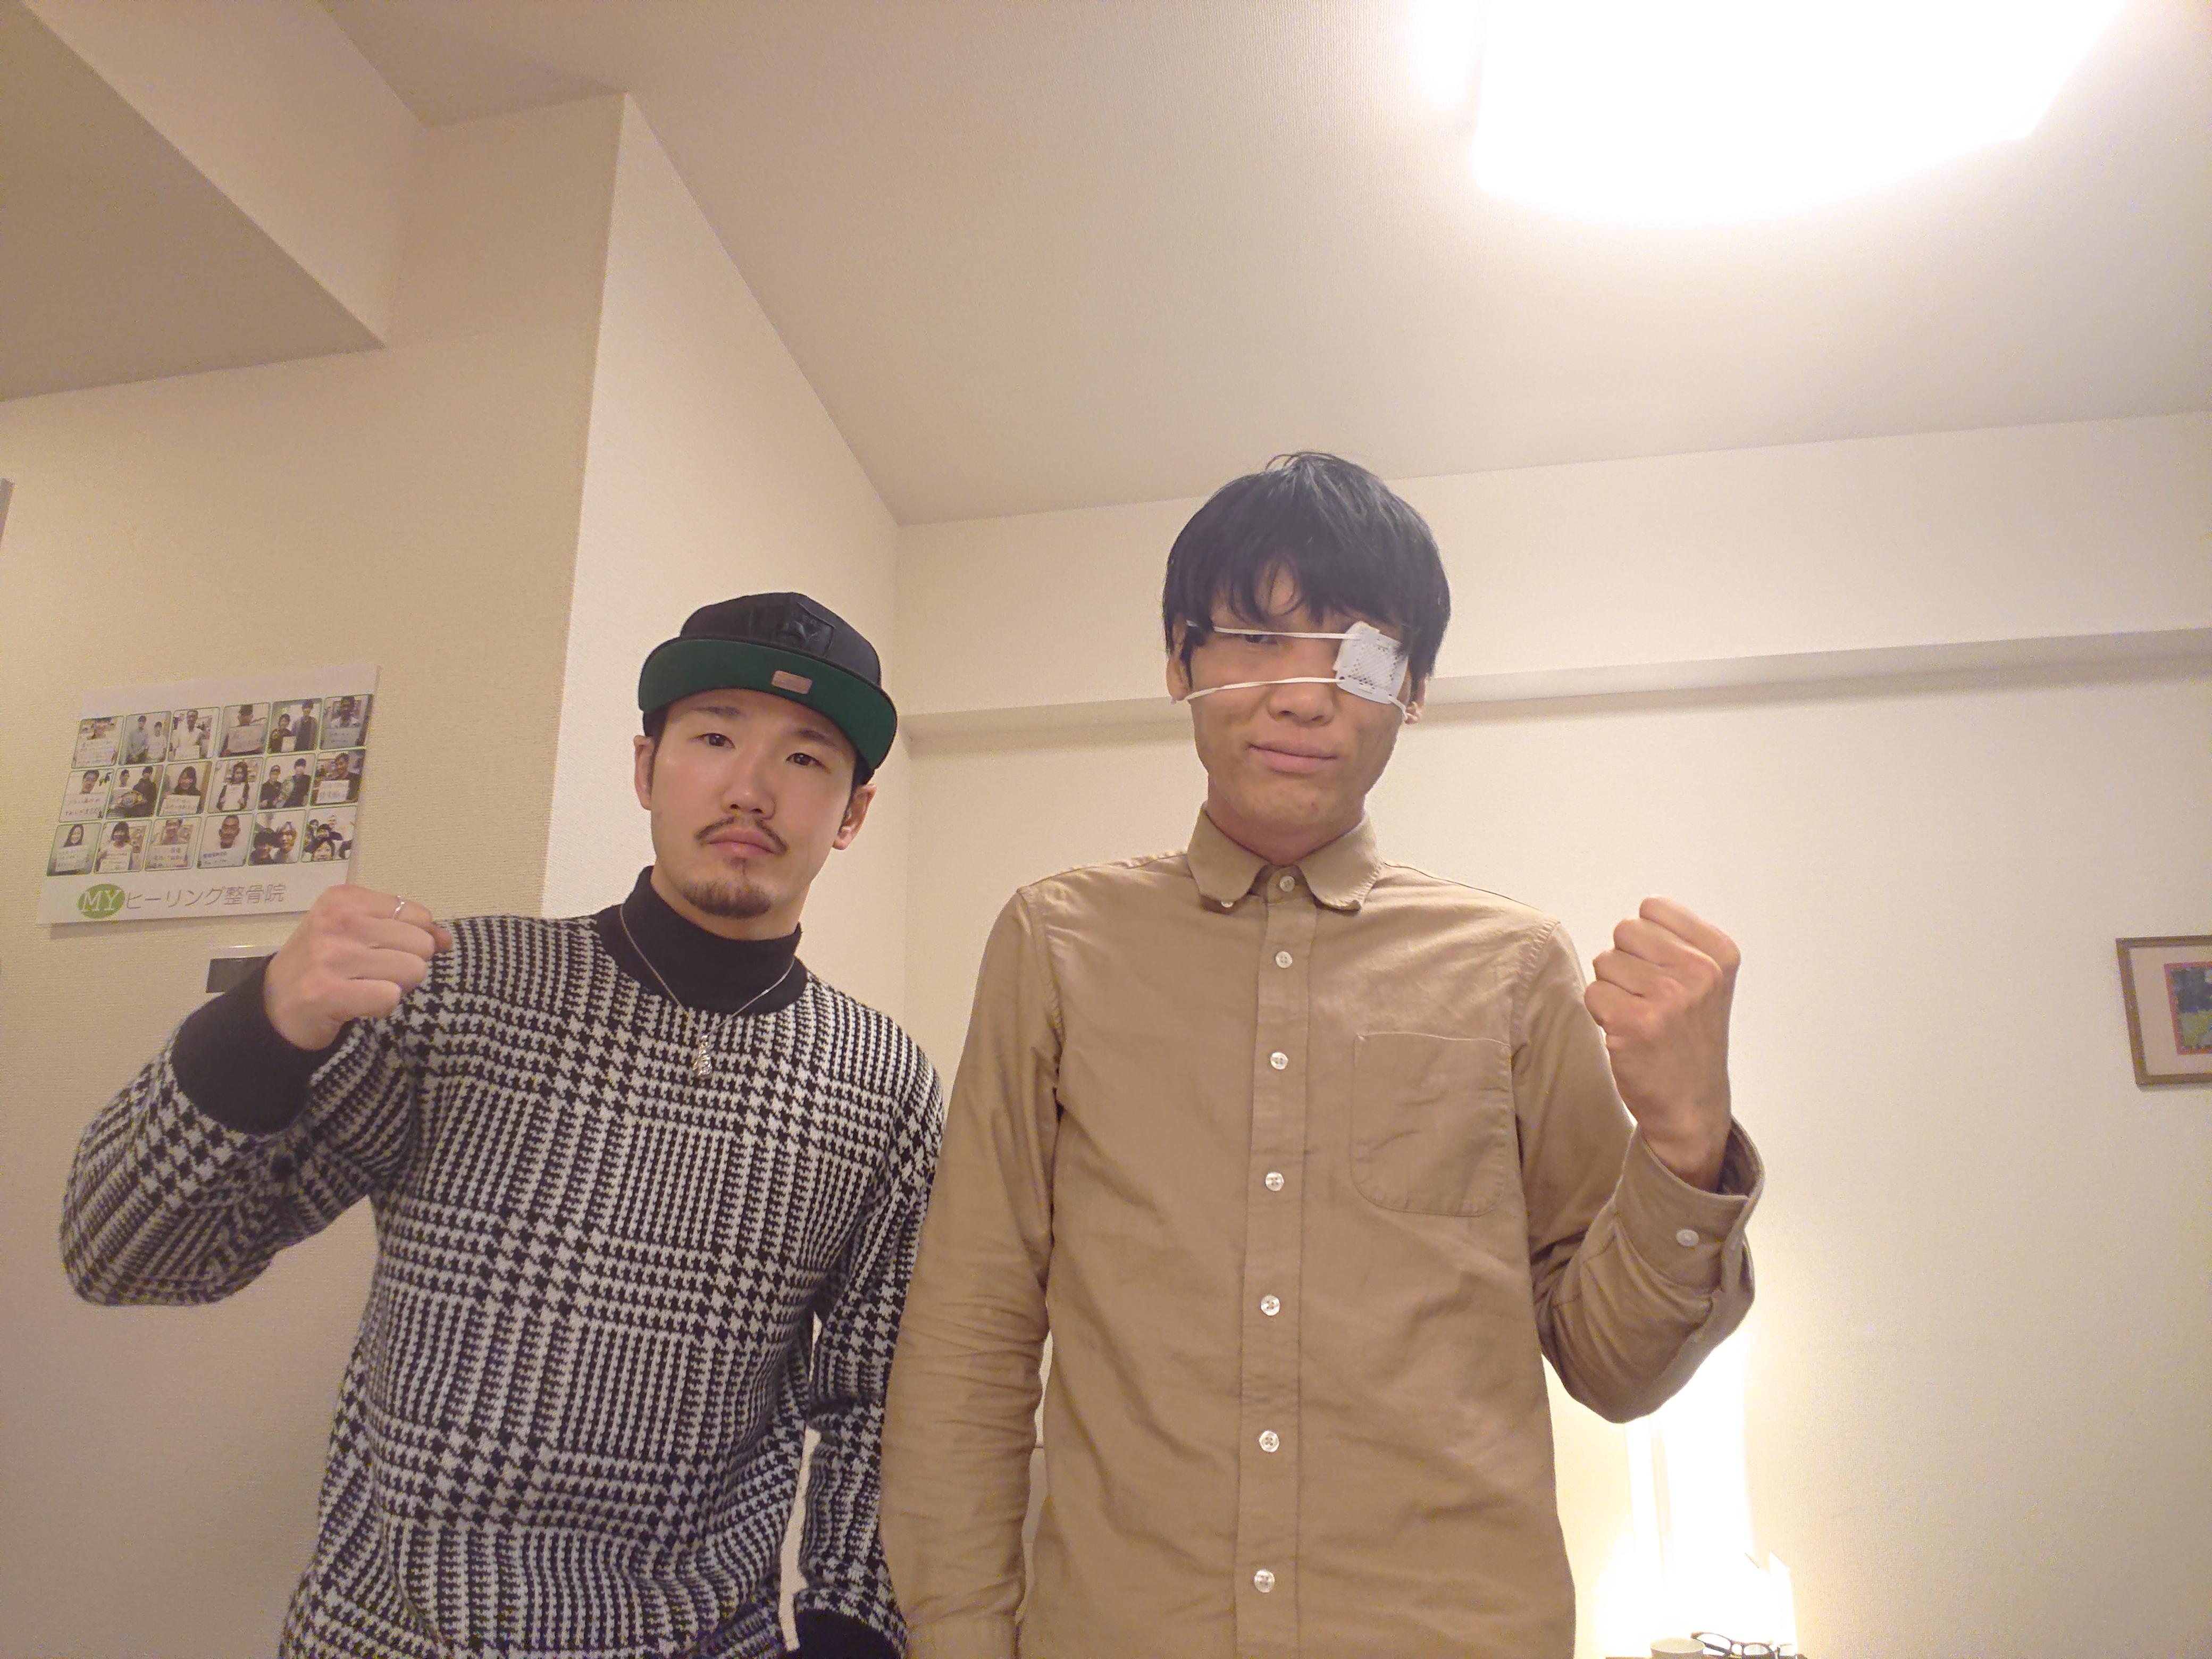 スペシャルゲスト😍Myヒーリングラボ松田代表とコラボ😘本日MC広志はスマホで参加(笑)